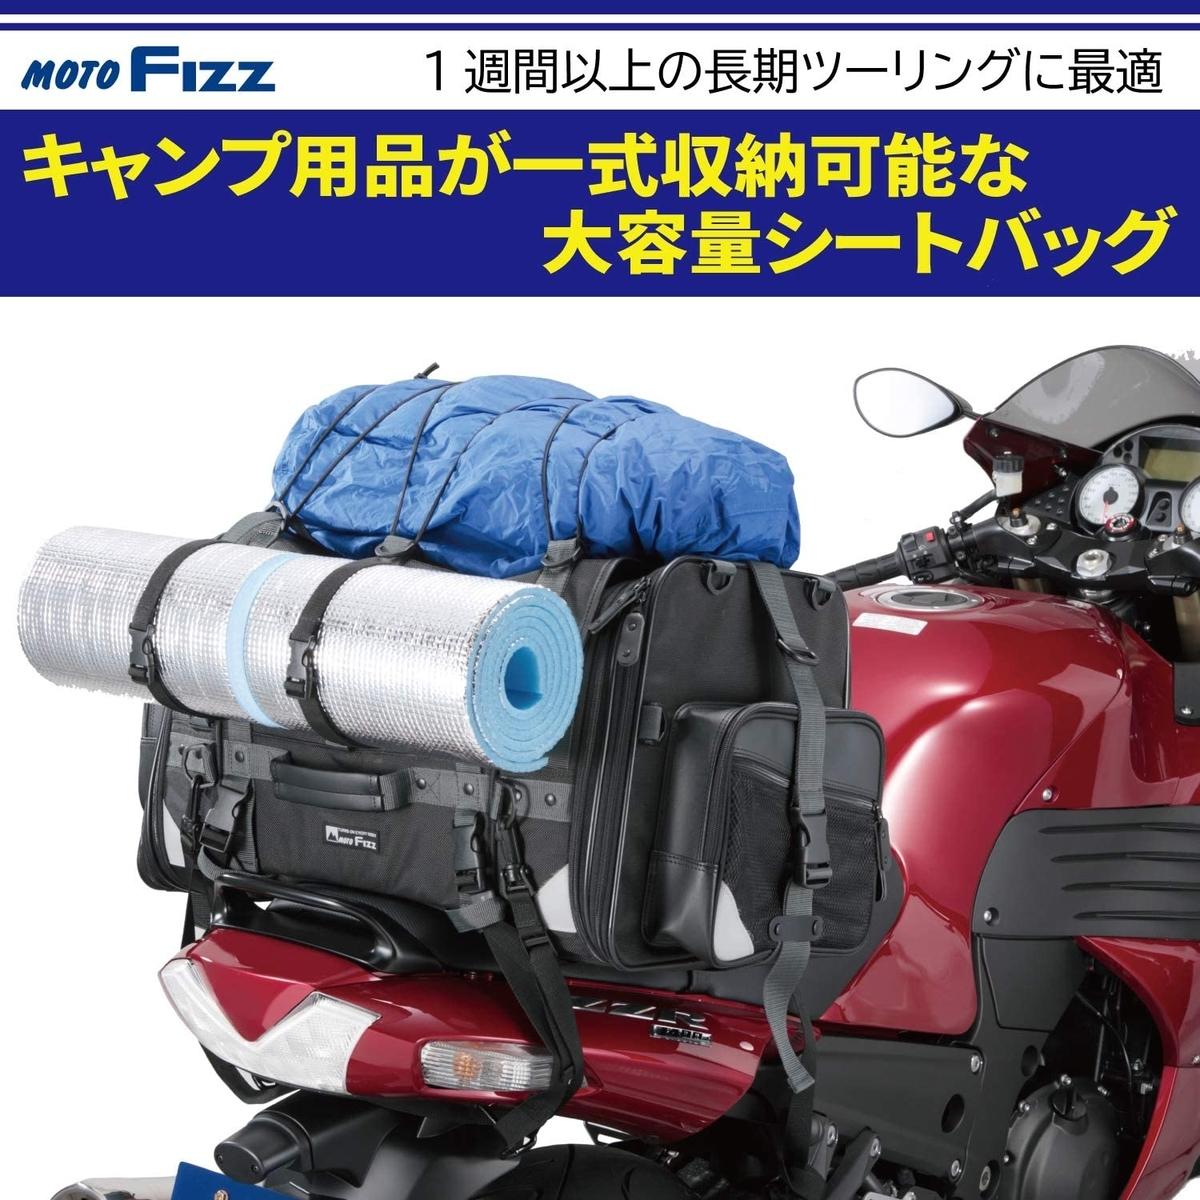 f:id:hiroro-bnr32:20210508212305j:plain